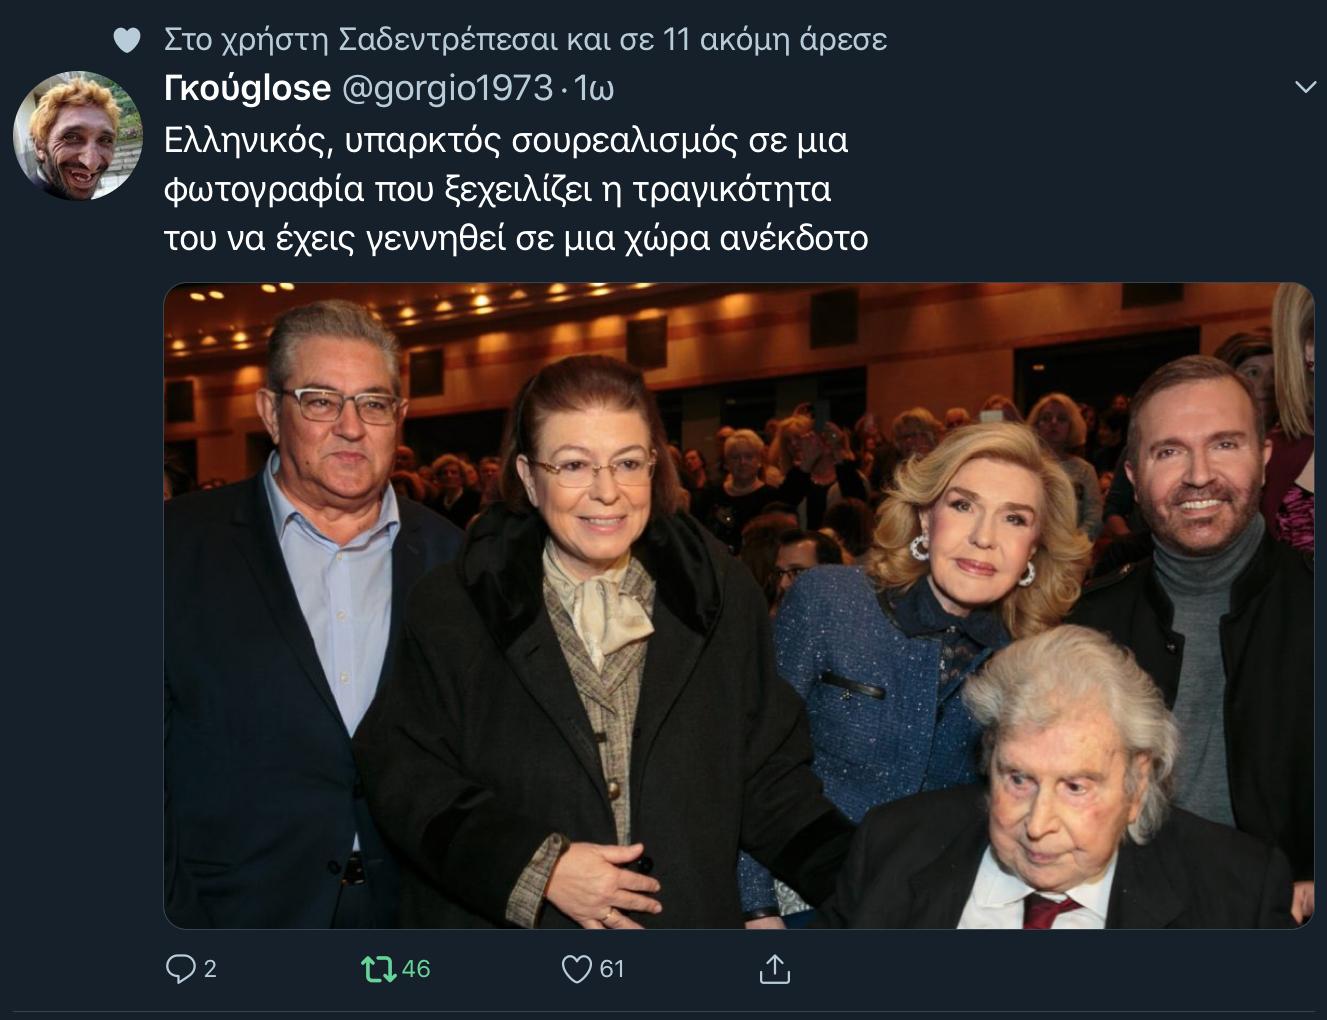 Ελληνικός, υπαρκτός σουρεαλισμός σε μια φωτογραφία που ξεχειλίζει η τραγικότητα του να έχεις γεννηθεί σε μια χώρα ανέκδοτο @gorgio1973